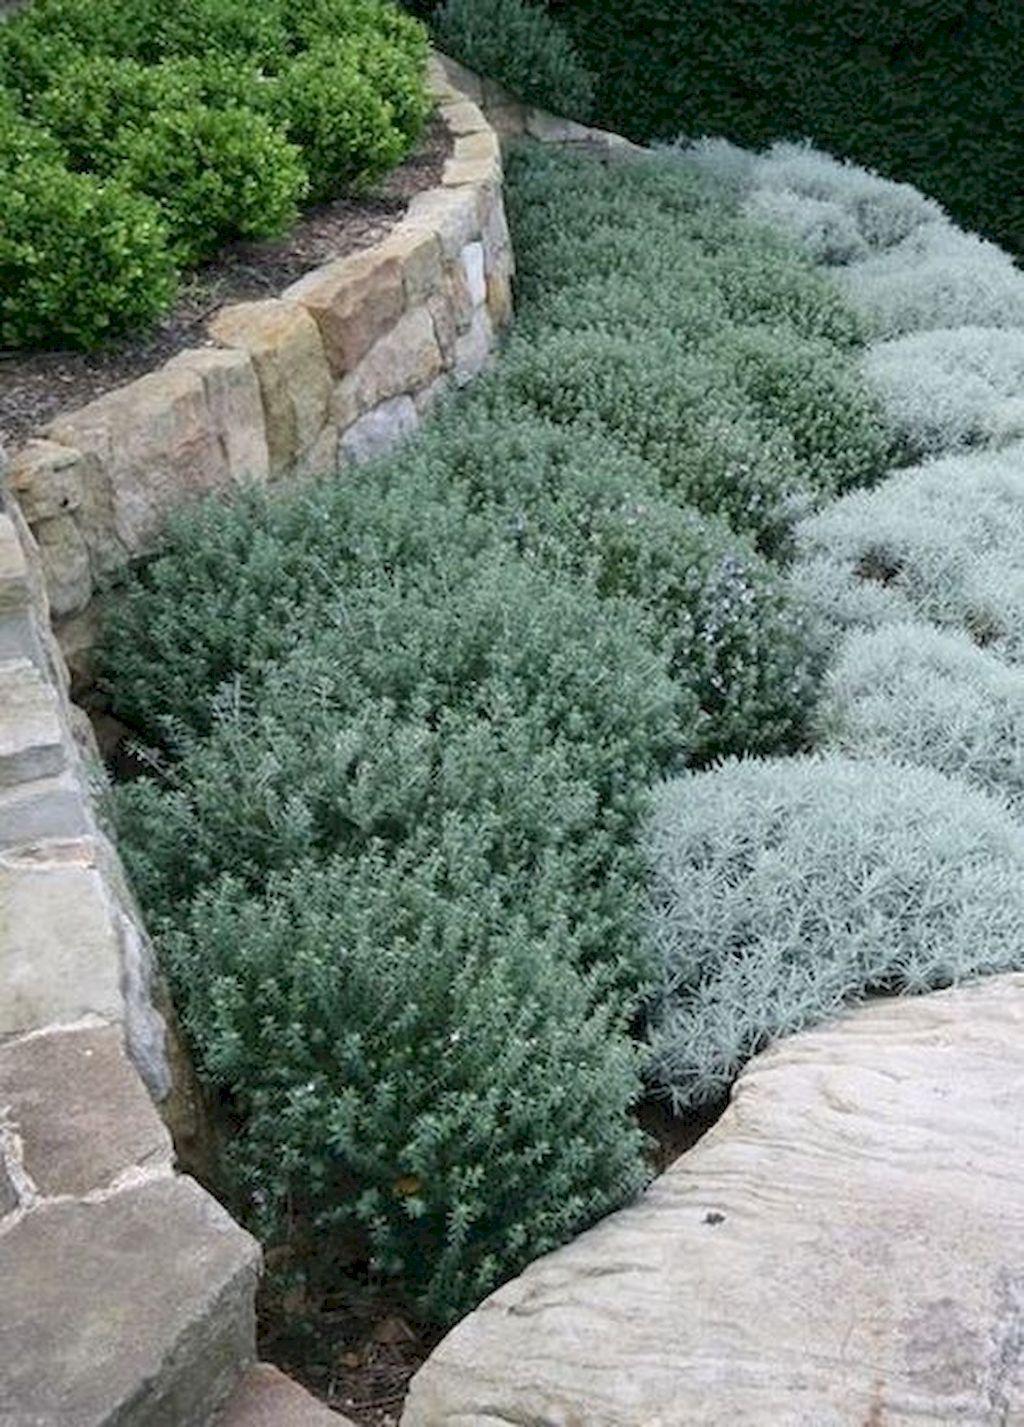 75 Awesome Vorgarten Rock Garden Landschaftsbau Id - Gartengestaltung Ideen #modernfrontyard